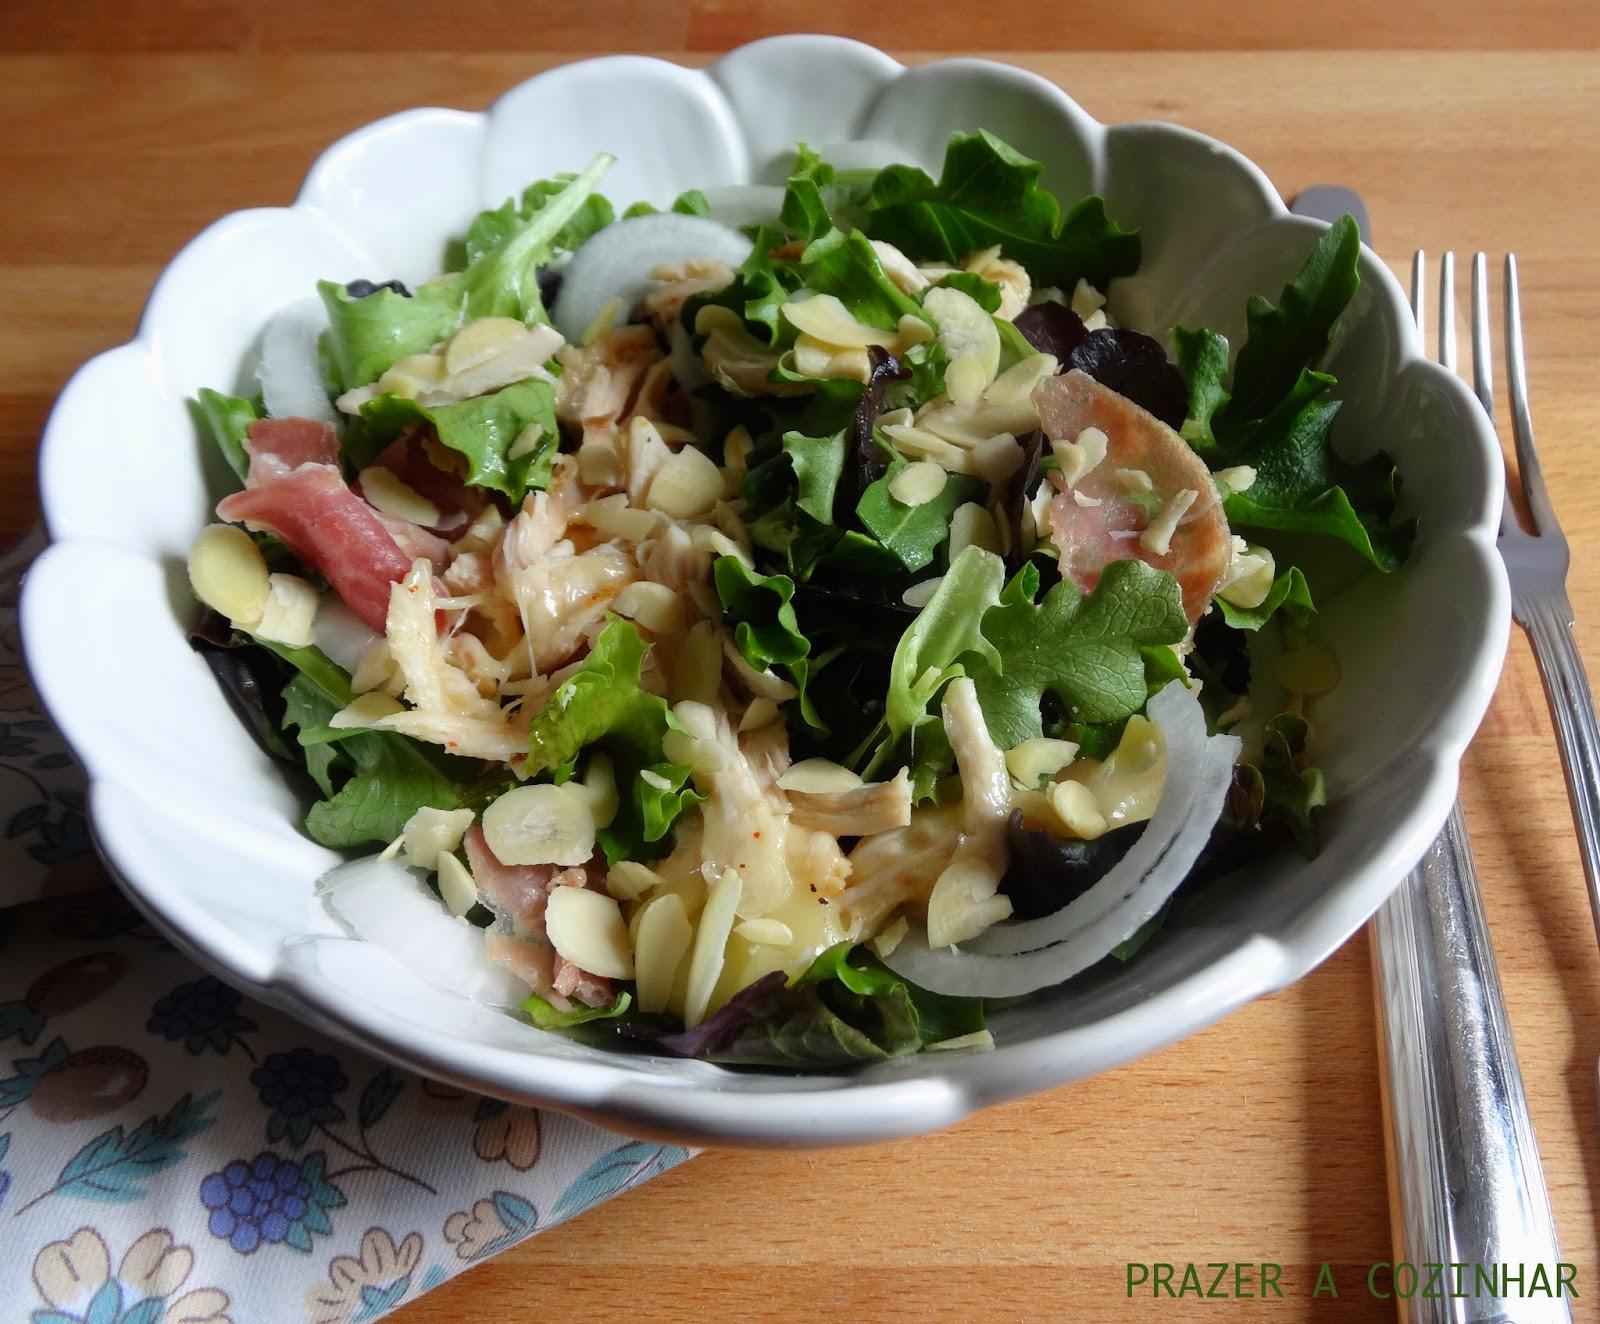 prazer a cozinhar - Salada de frango, queijo, presunto e amêndoas